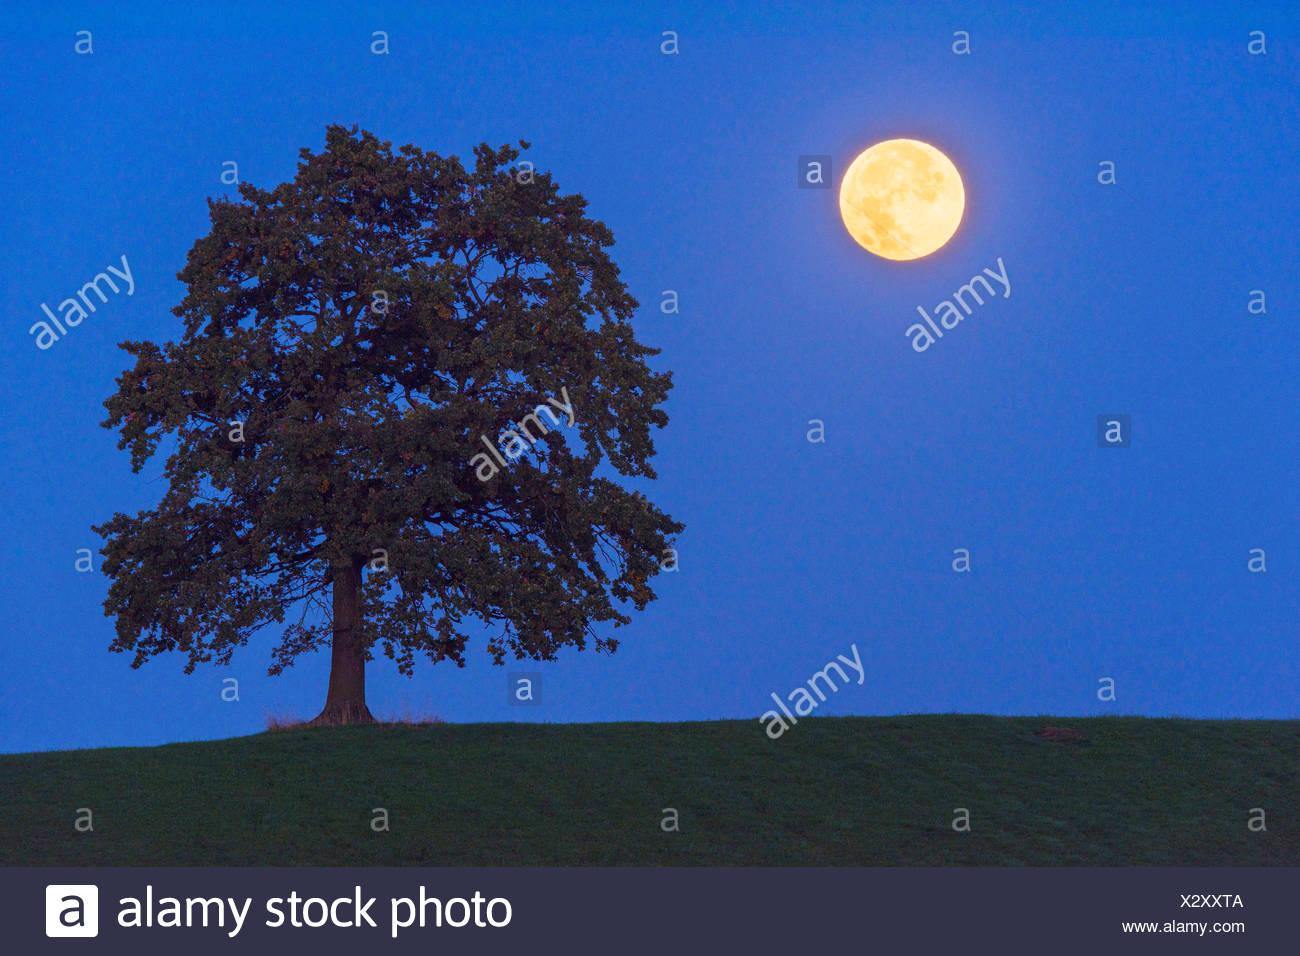 Vollmond im Halbschatten der Erde neben einem Baum, Deutschland, Bayern   single tree and full moon at night, Germany, Bavaria   - Stock Image